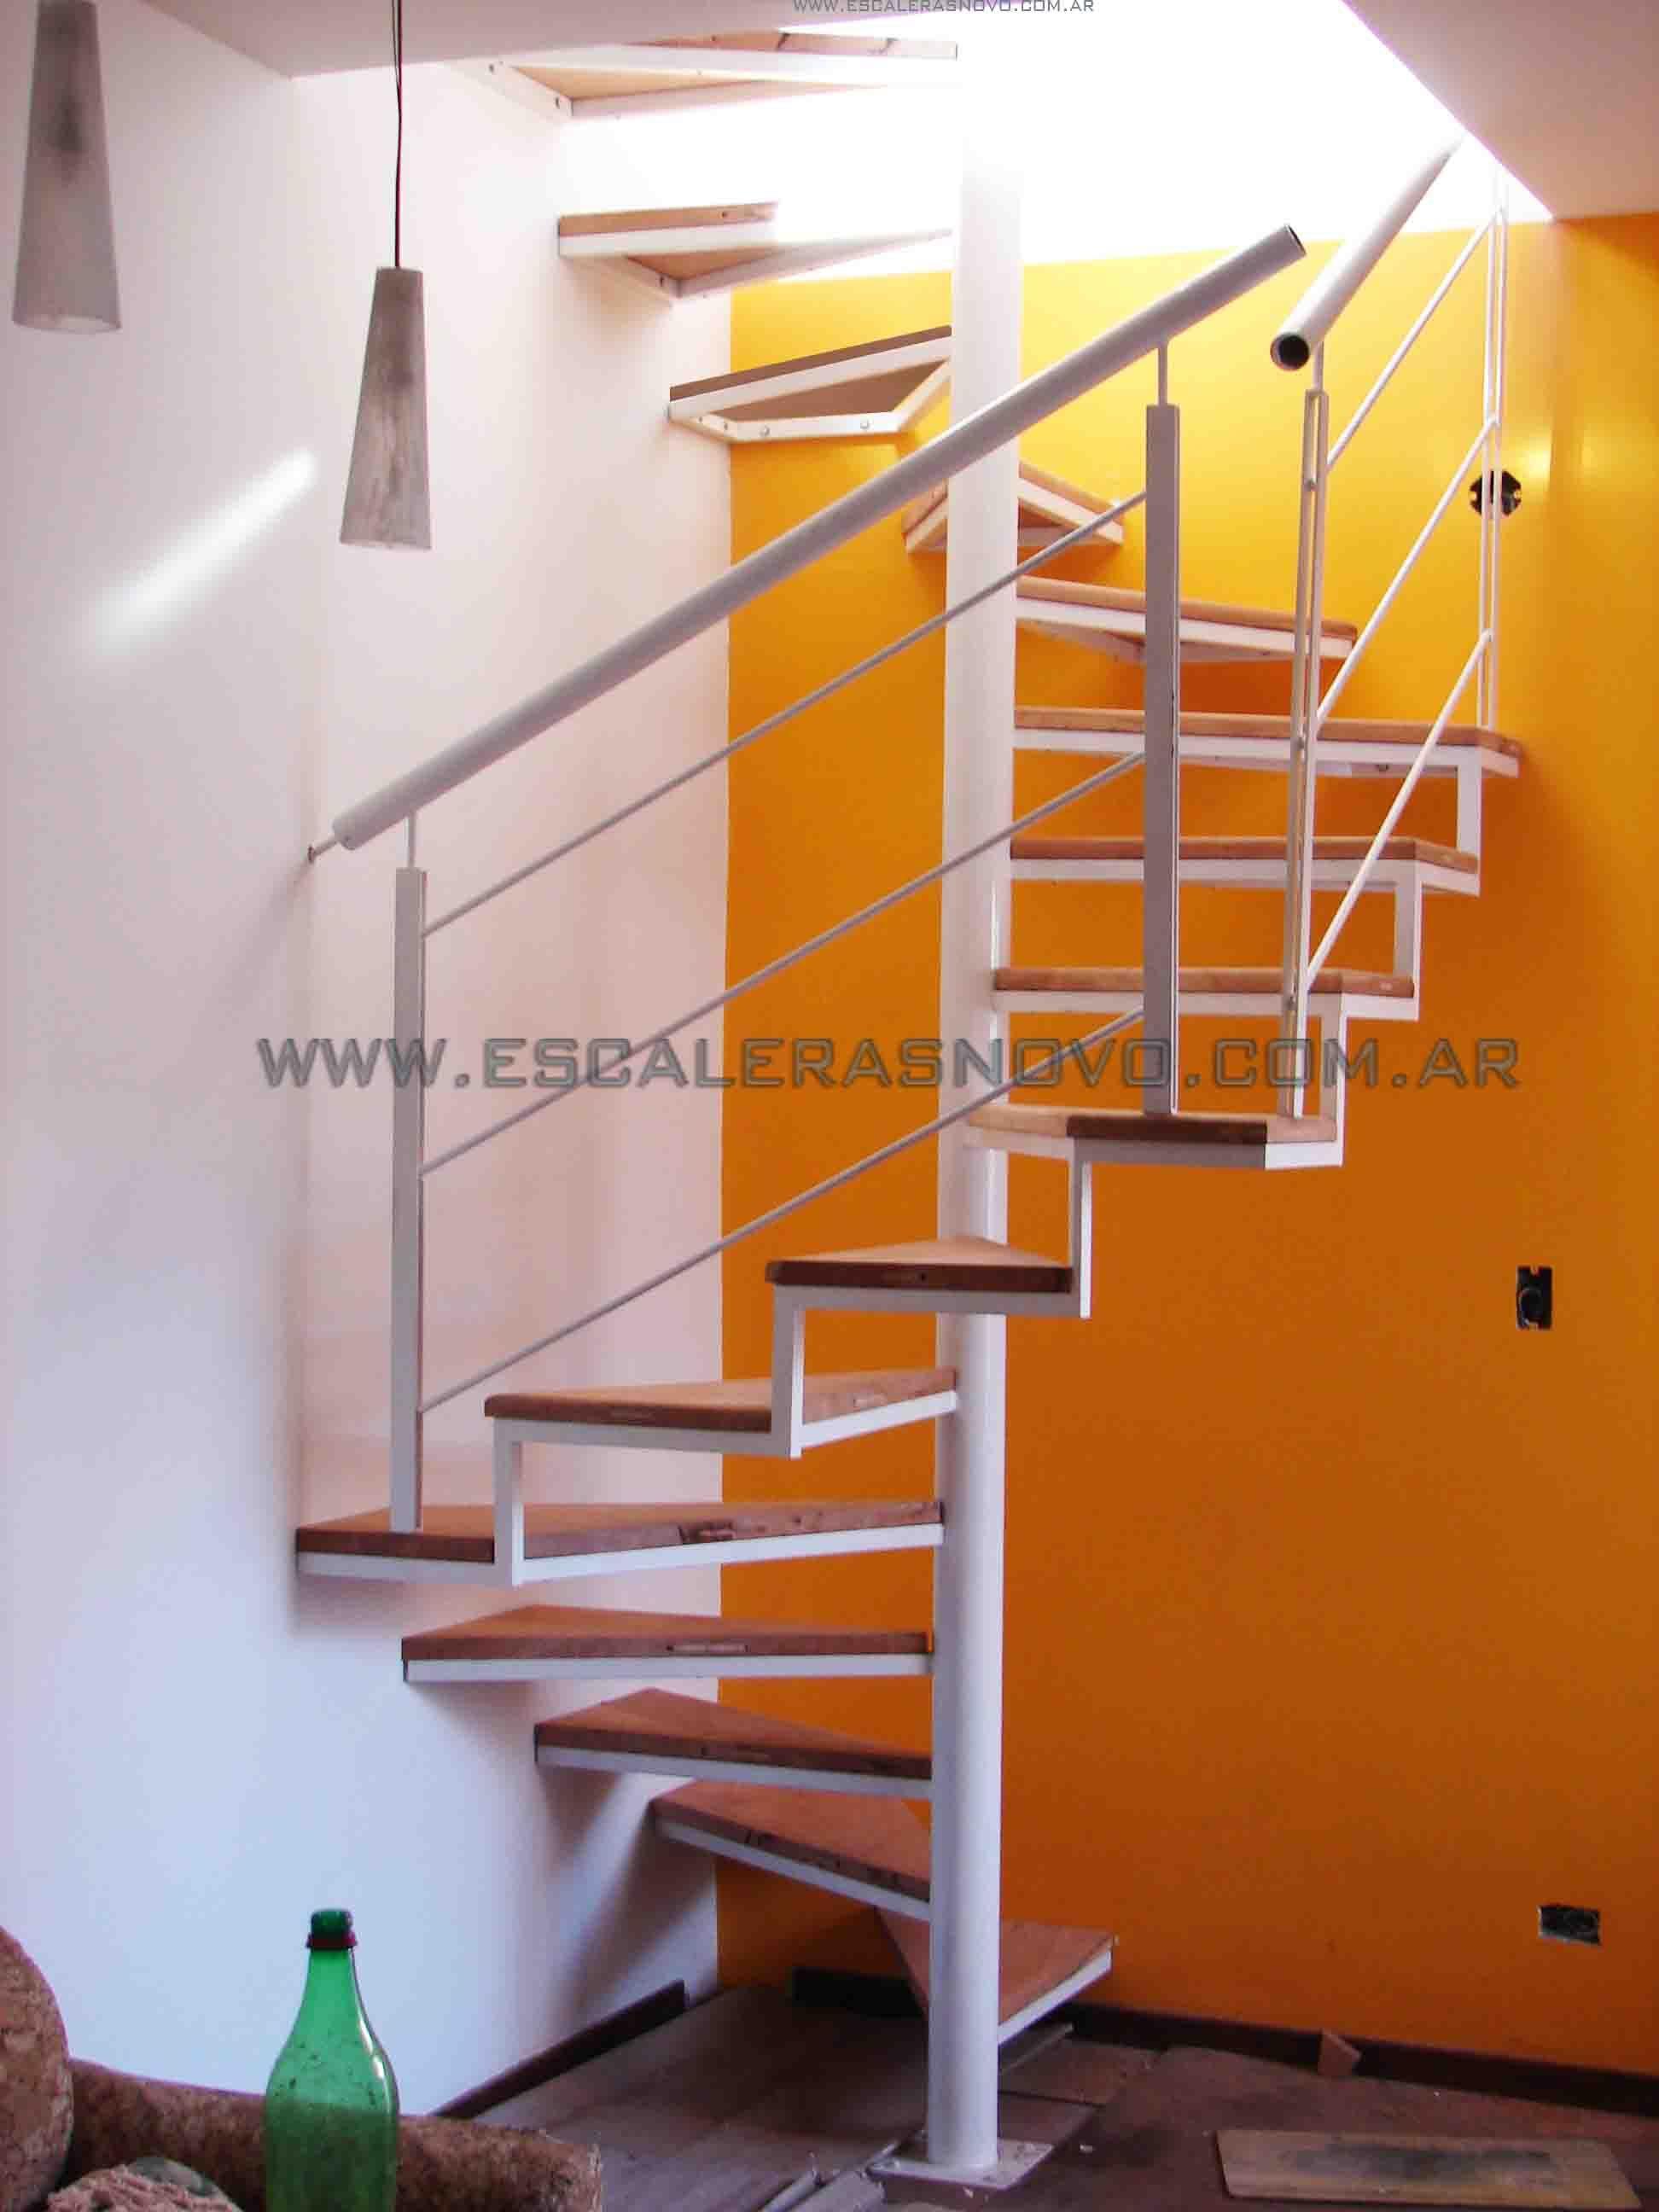 Escaleras caracol cuadrada deco pinterest escalera for Imagenes de escaleras metalicas